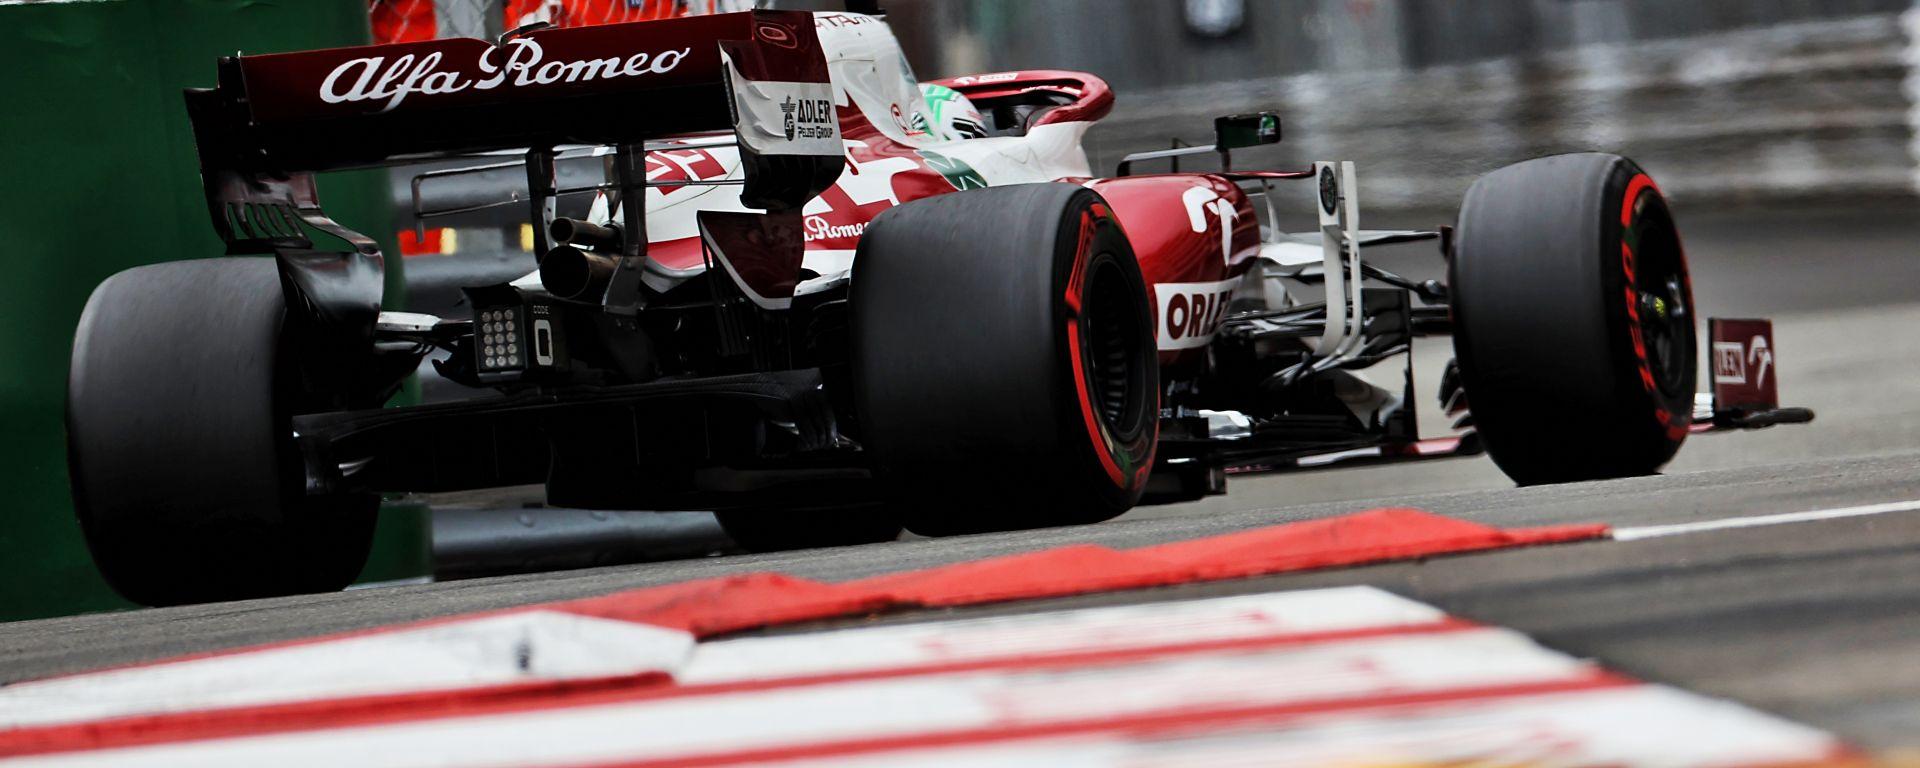 F1 GP Monaco 2021, Monte Carlo: Antonio Giovinazzi al volante della sua Alfa Romeo Racing